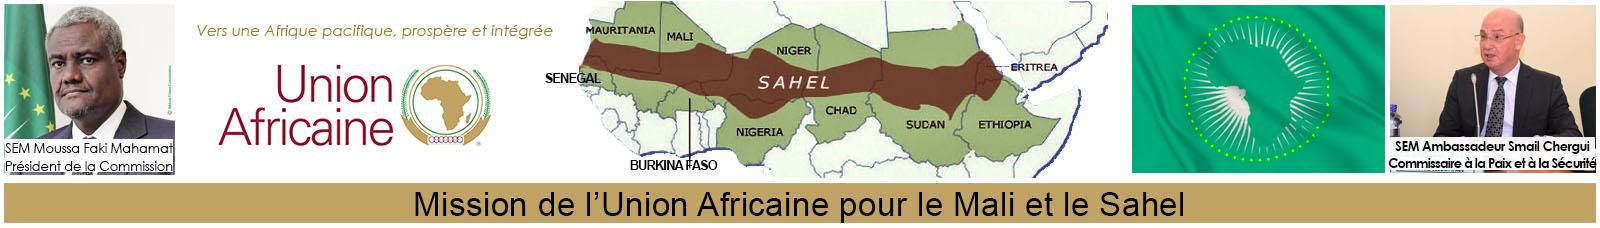 Mission de l'Union Africaine Africaine pour le Mali et le Sahel – MISAHEL